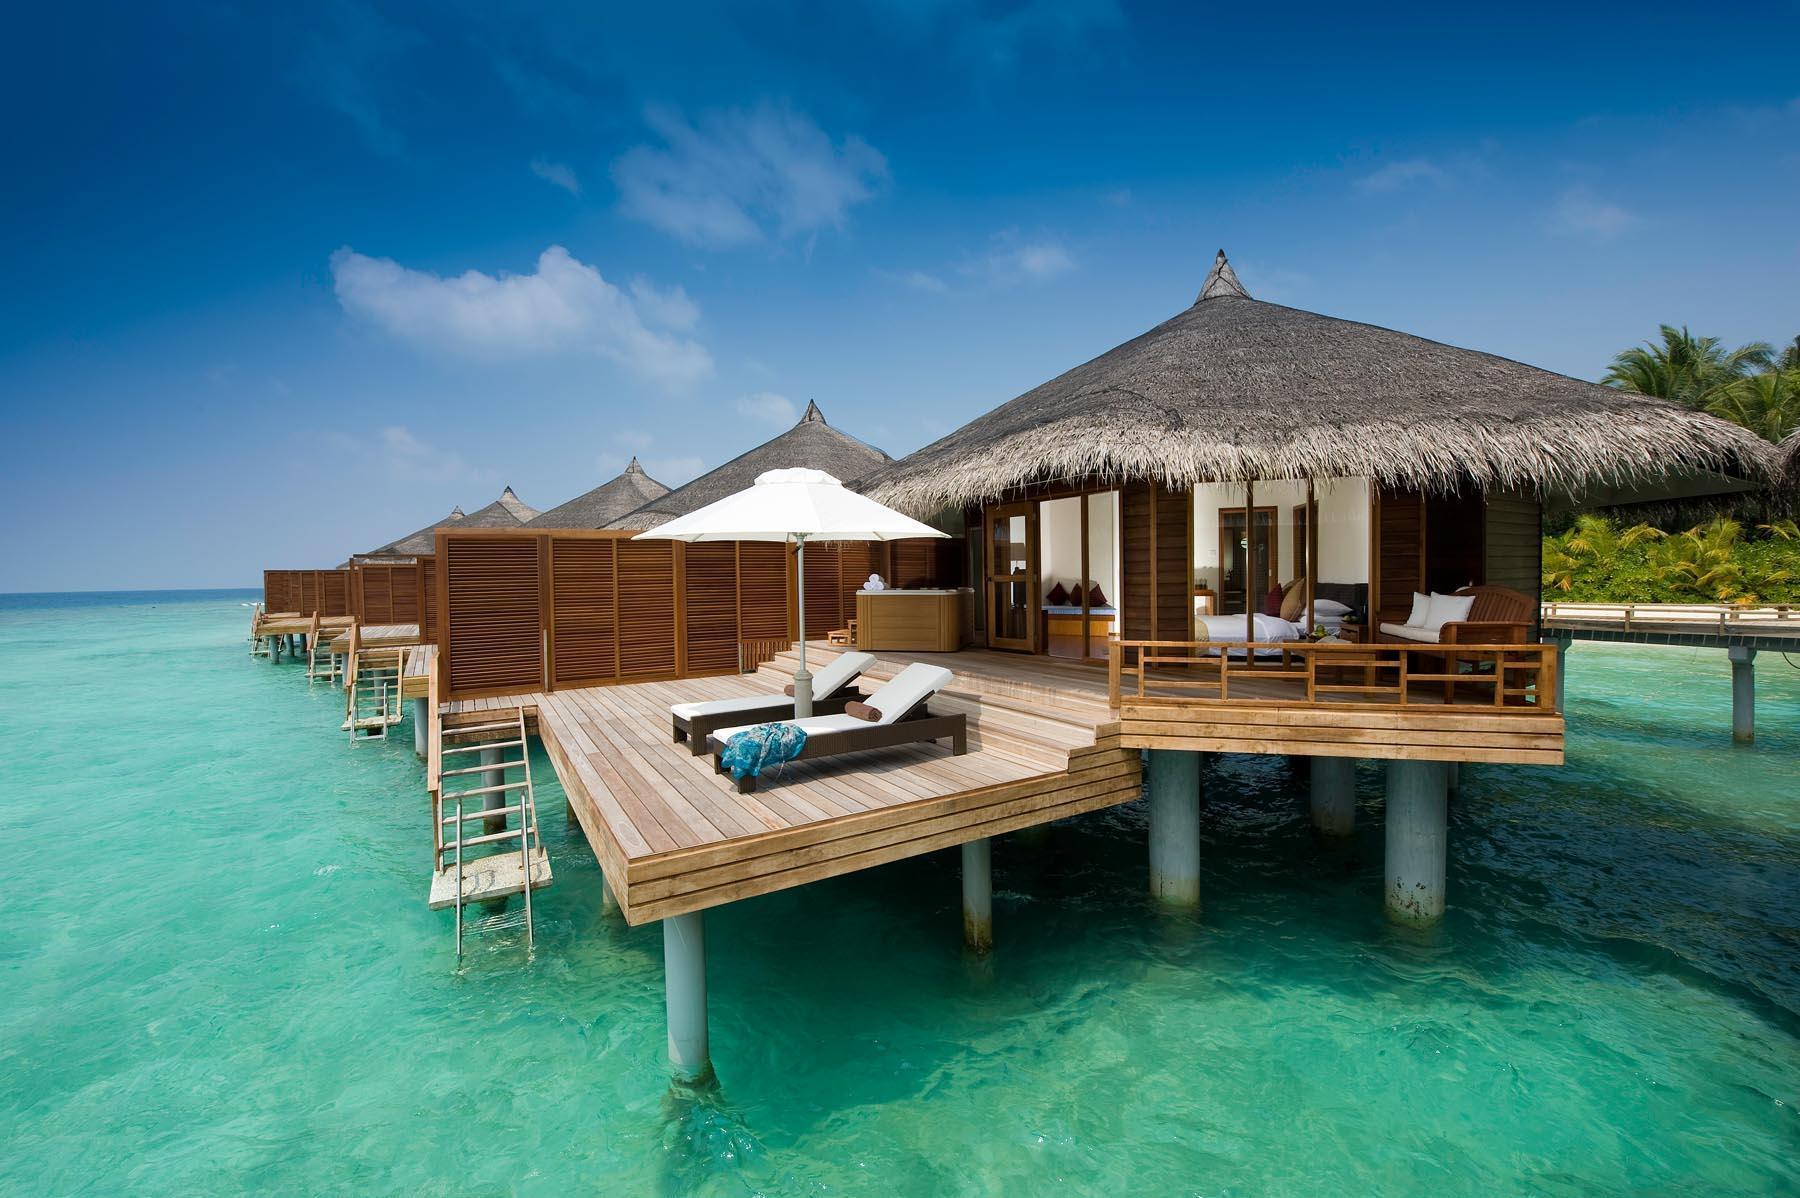 kuramathi-island-maldives-genel-0011